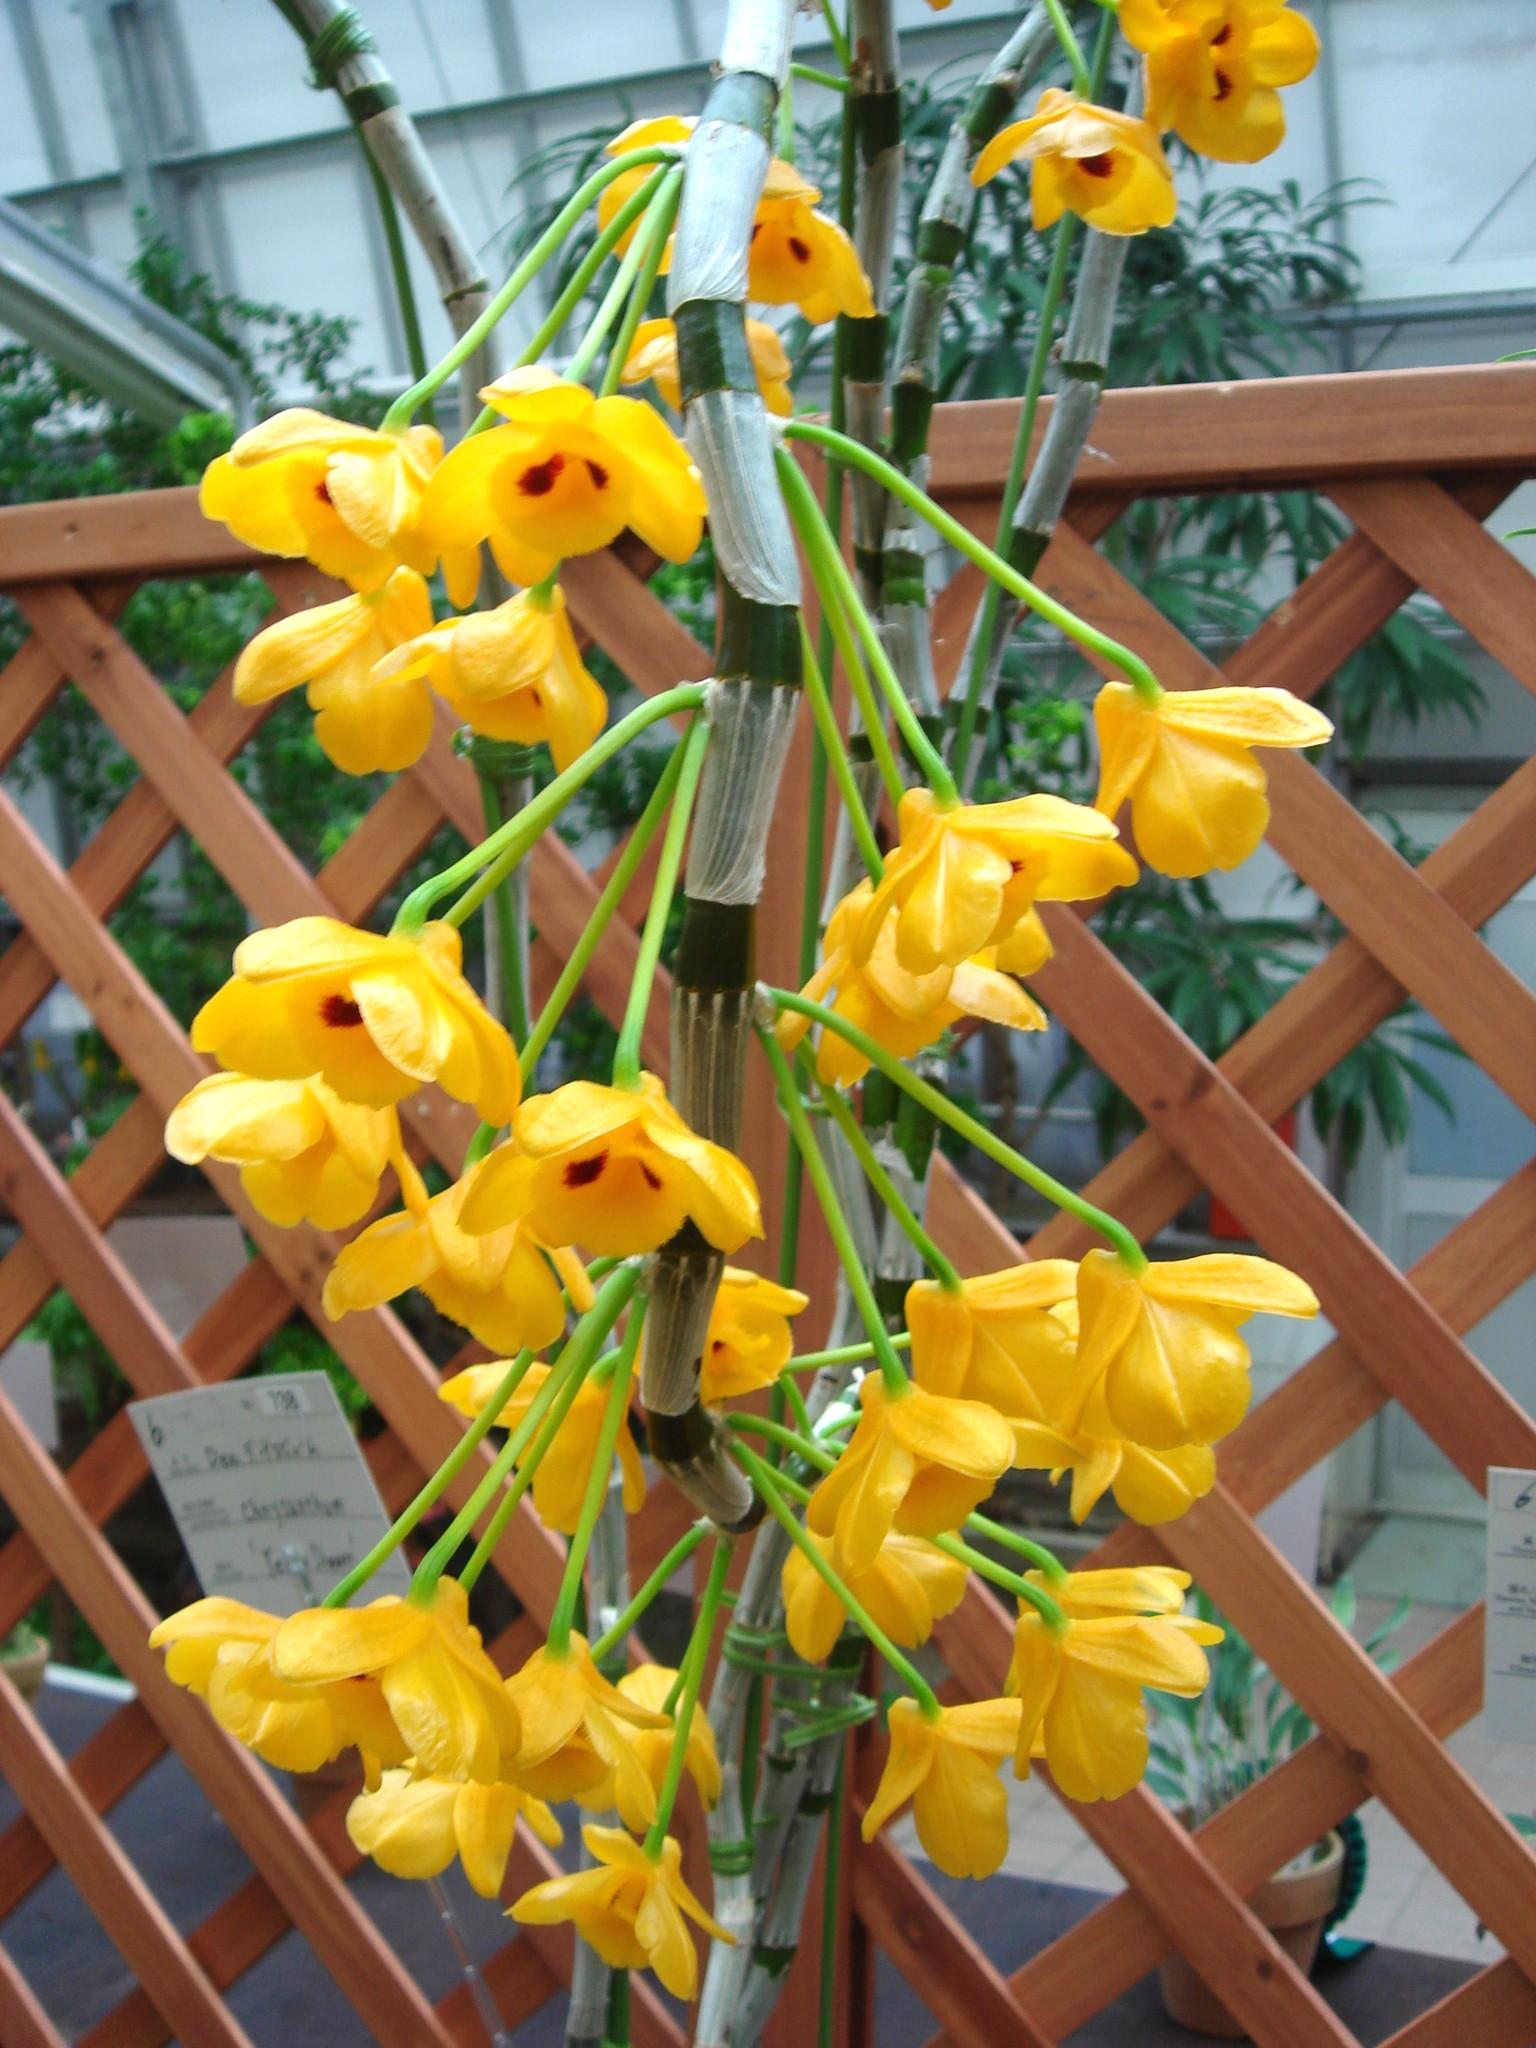 http://orchids.la.coocan.jp/Dendrobium/Dendrobium%20chrysanthum/DSC04118.JPG